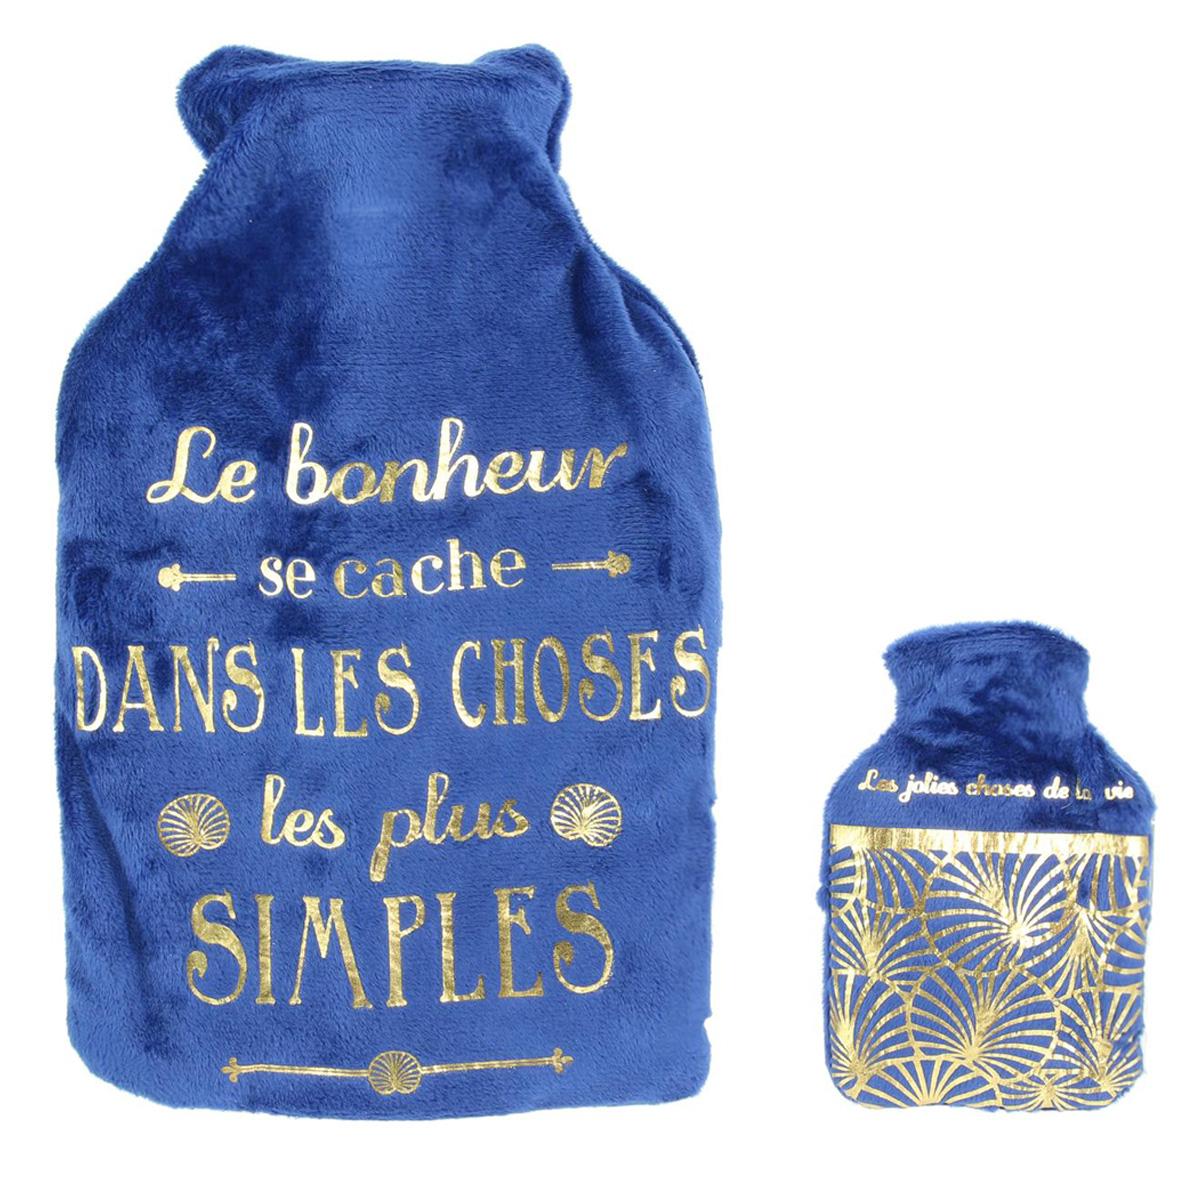 Bouillotte & chaufferette velours \'Messages\' bleu (le bonheur se cache dans les choses les plus simples) - 26x165x45 (1L) - [Q4405]